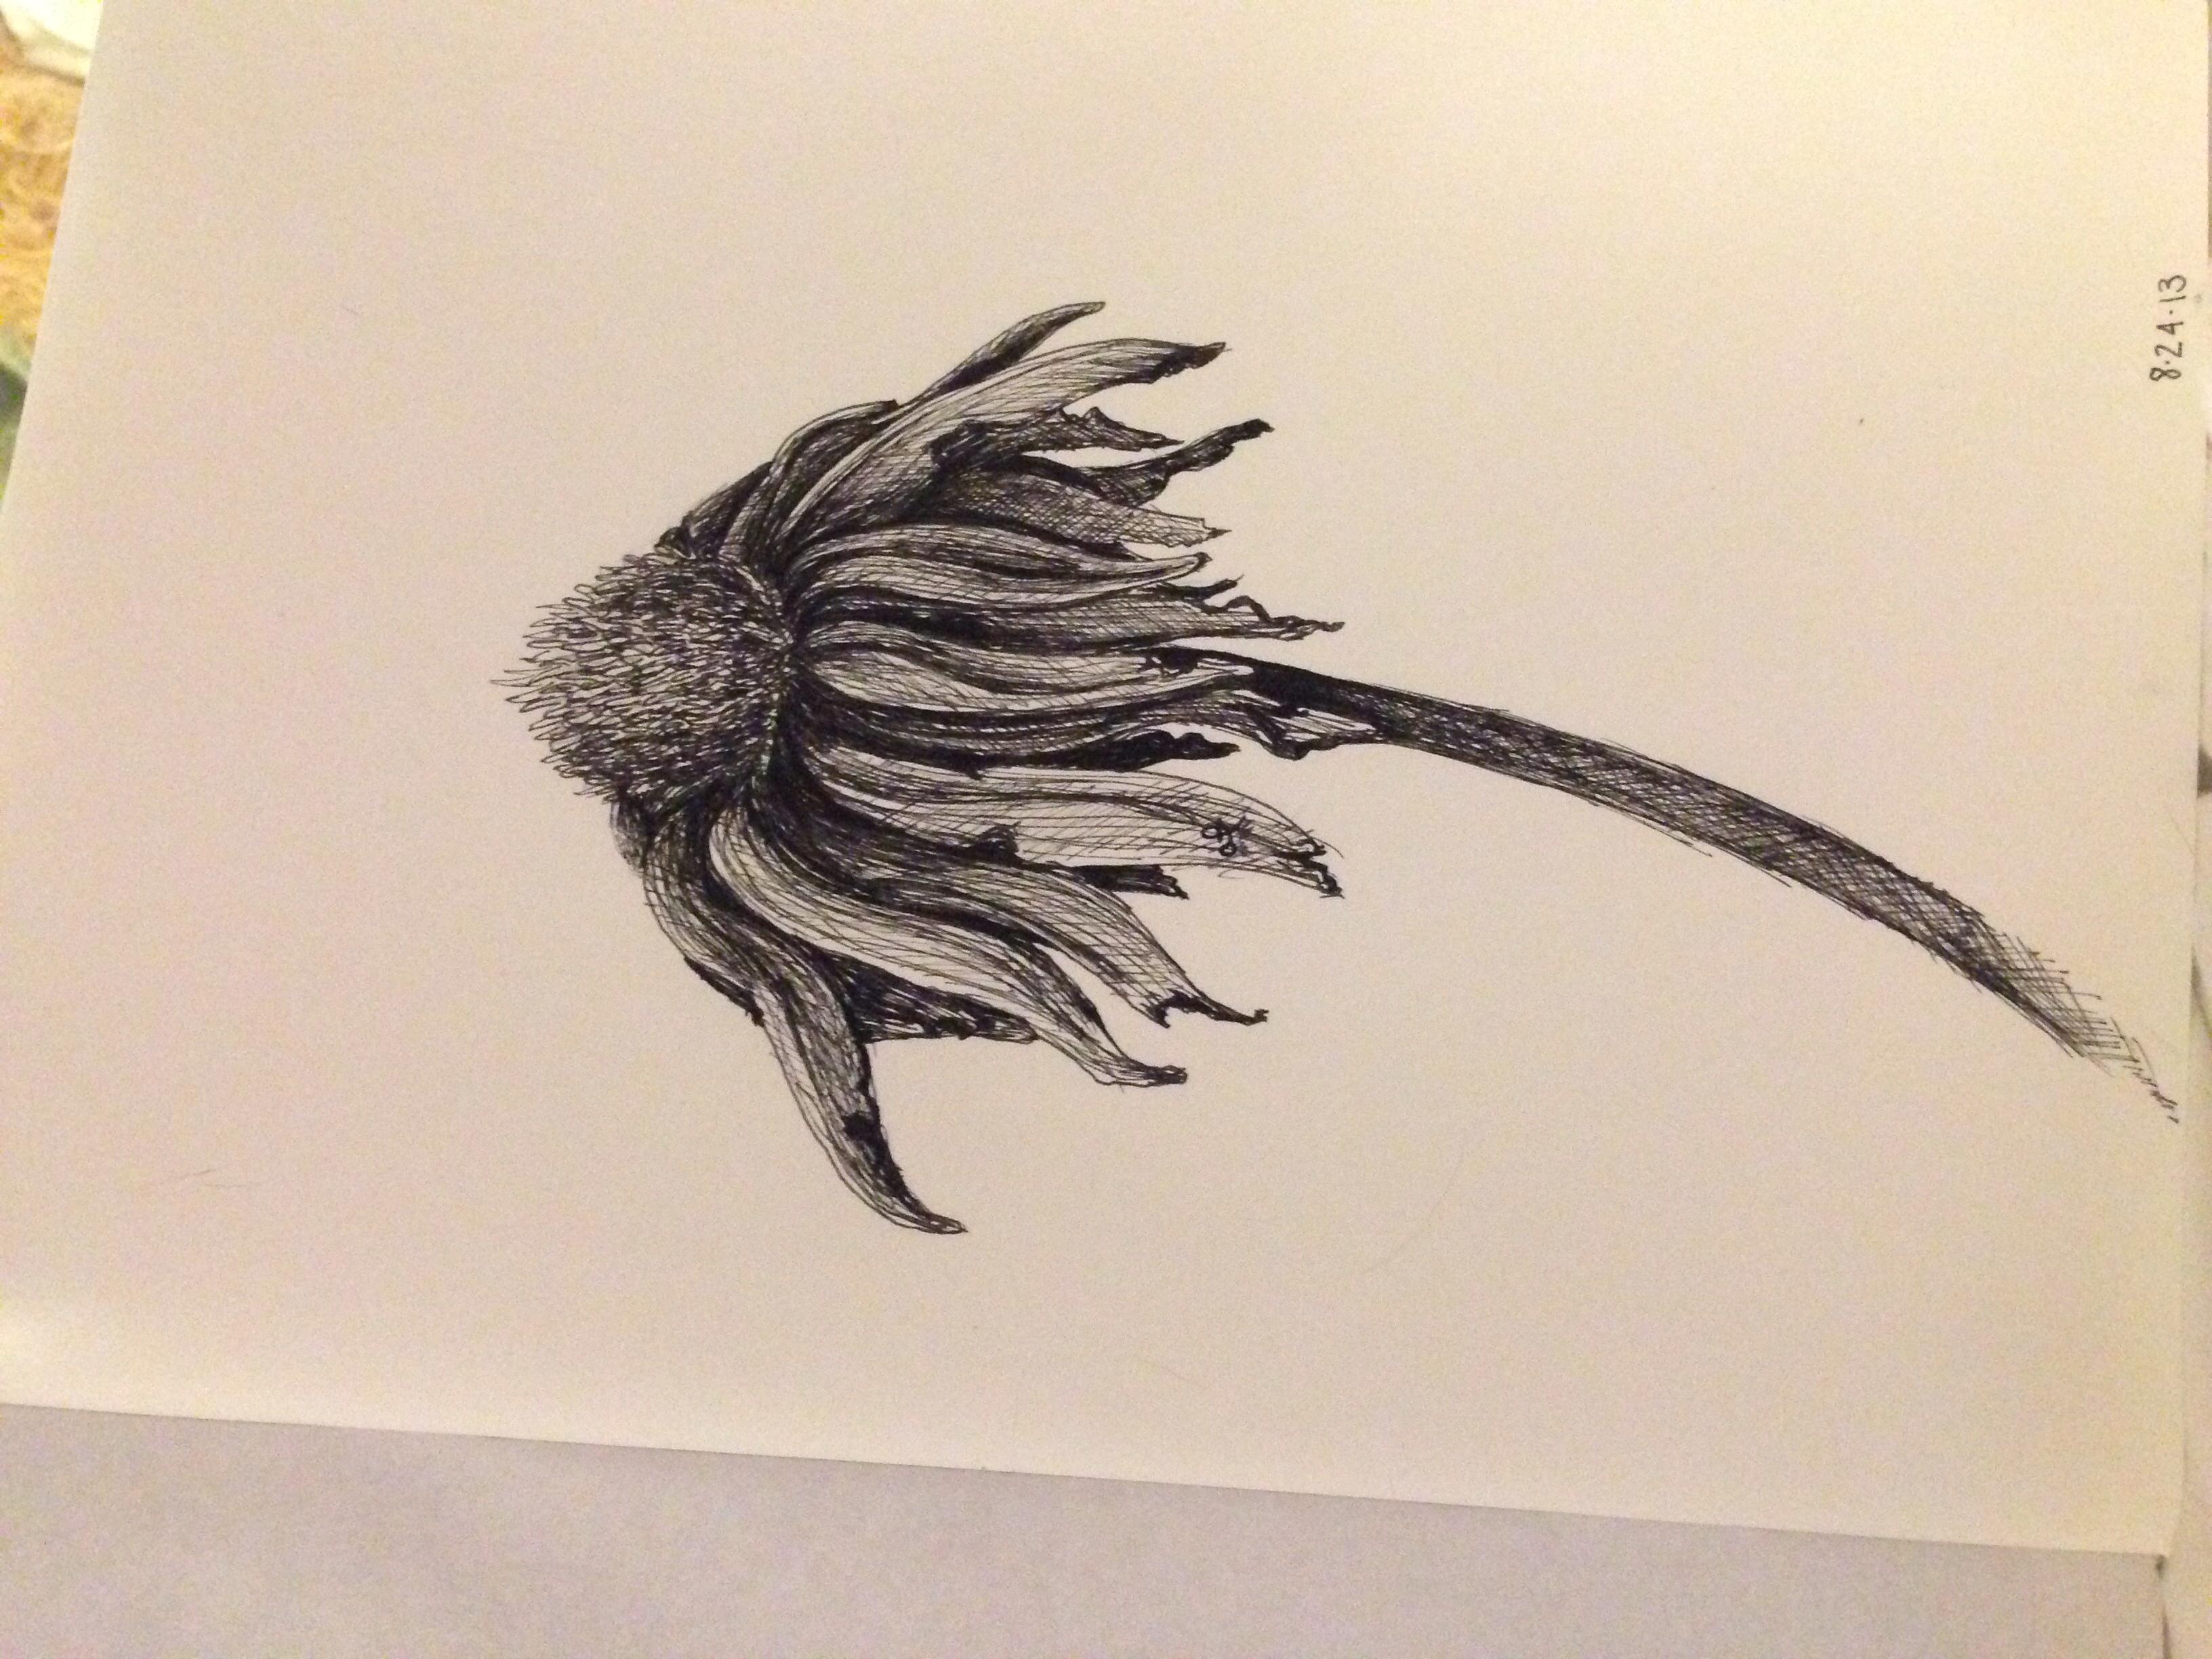 3264x2448 Wilting Flower Drawn By Alexis Fazio (Skls Portraits